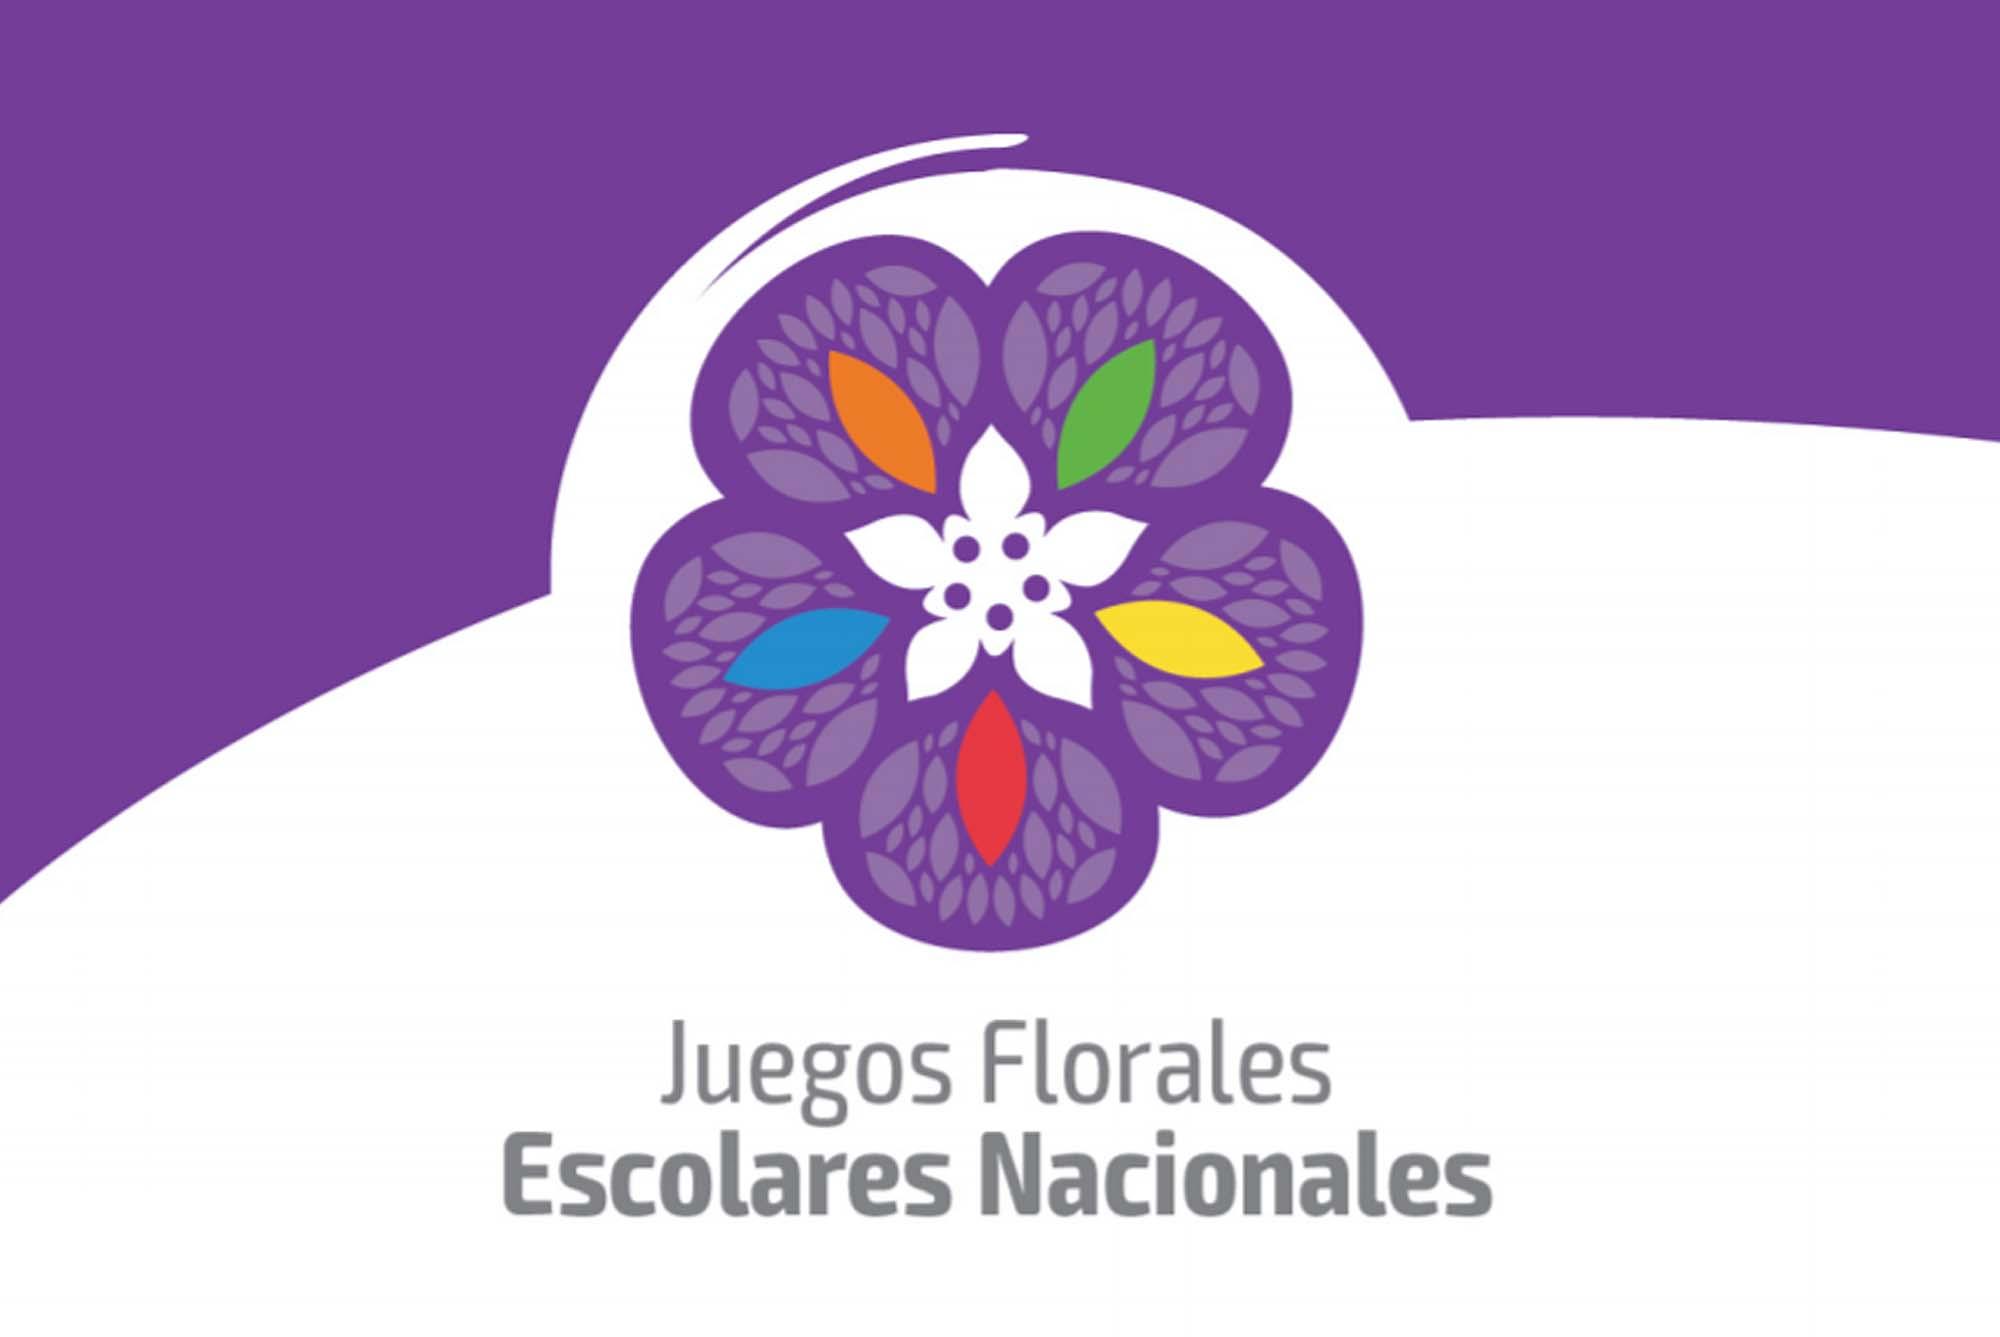 Resultado de imagen para juegos florales escolares nacionales 2019